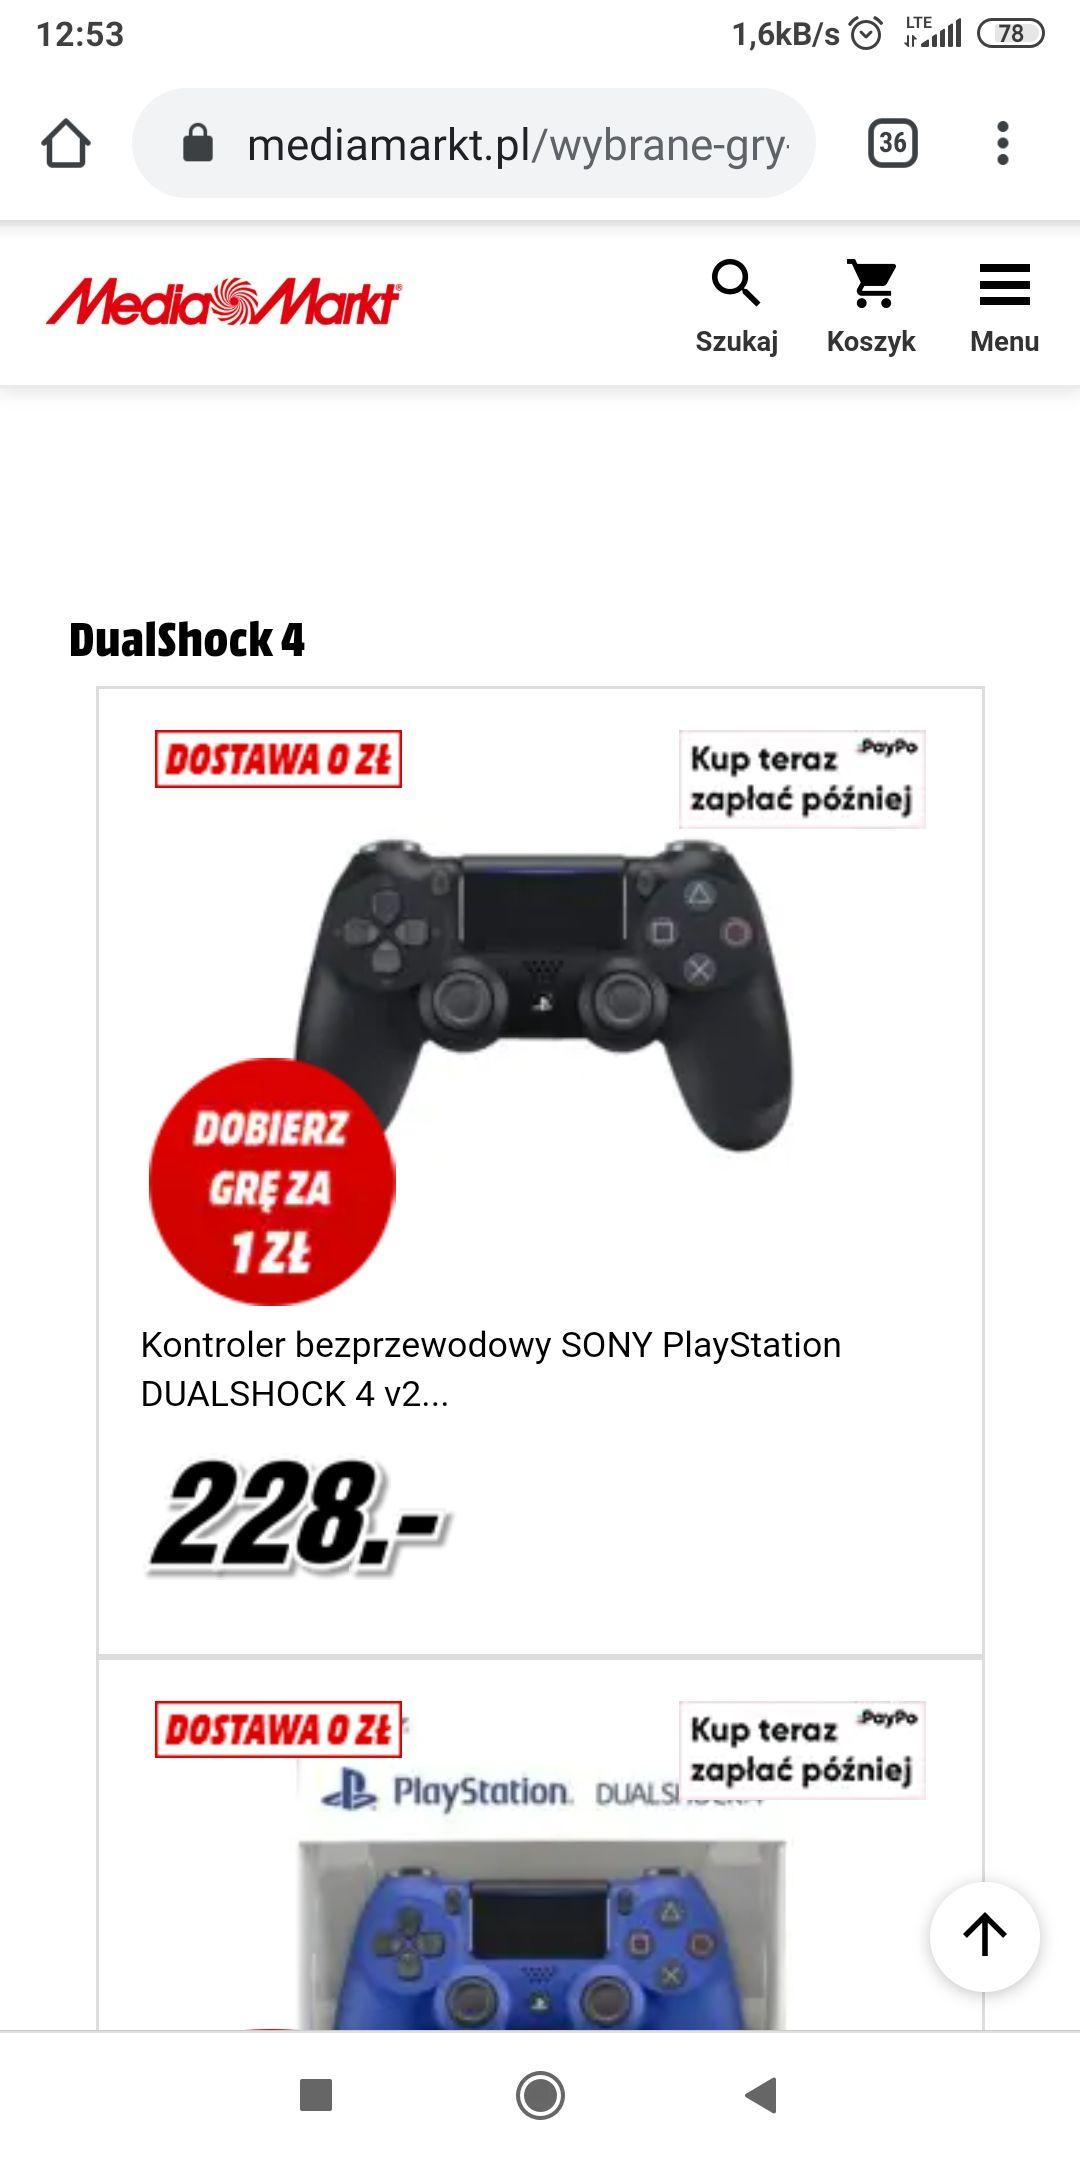 DualShock 4 za 228 zł + gra za 1 zł